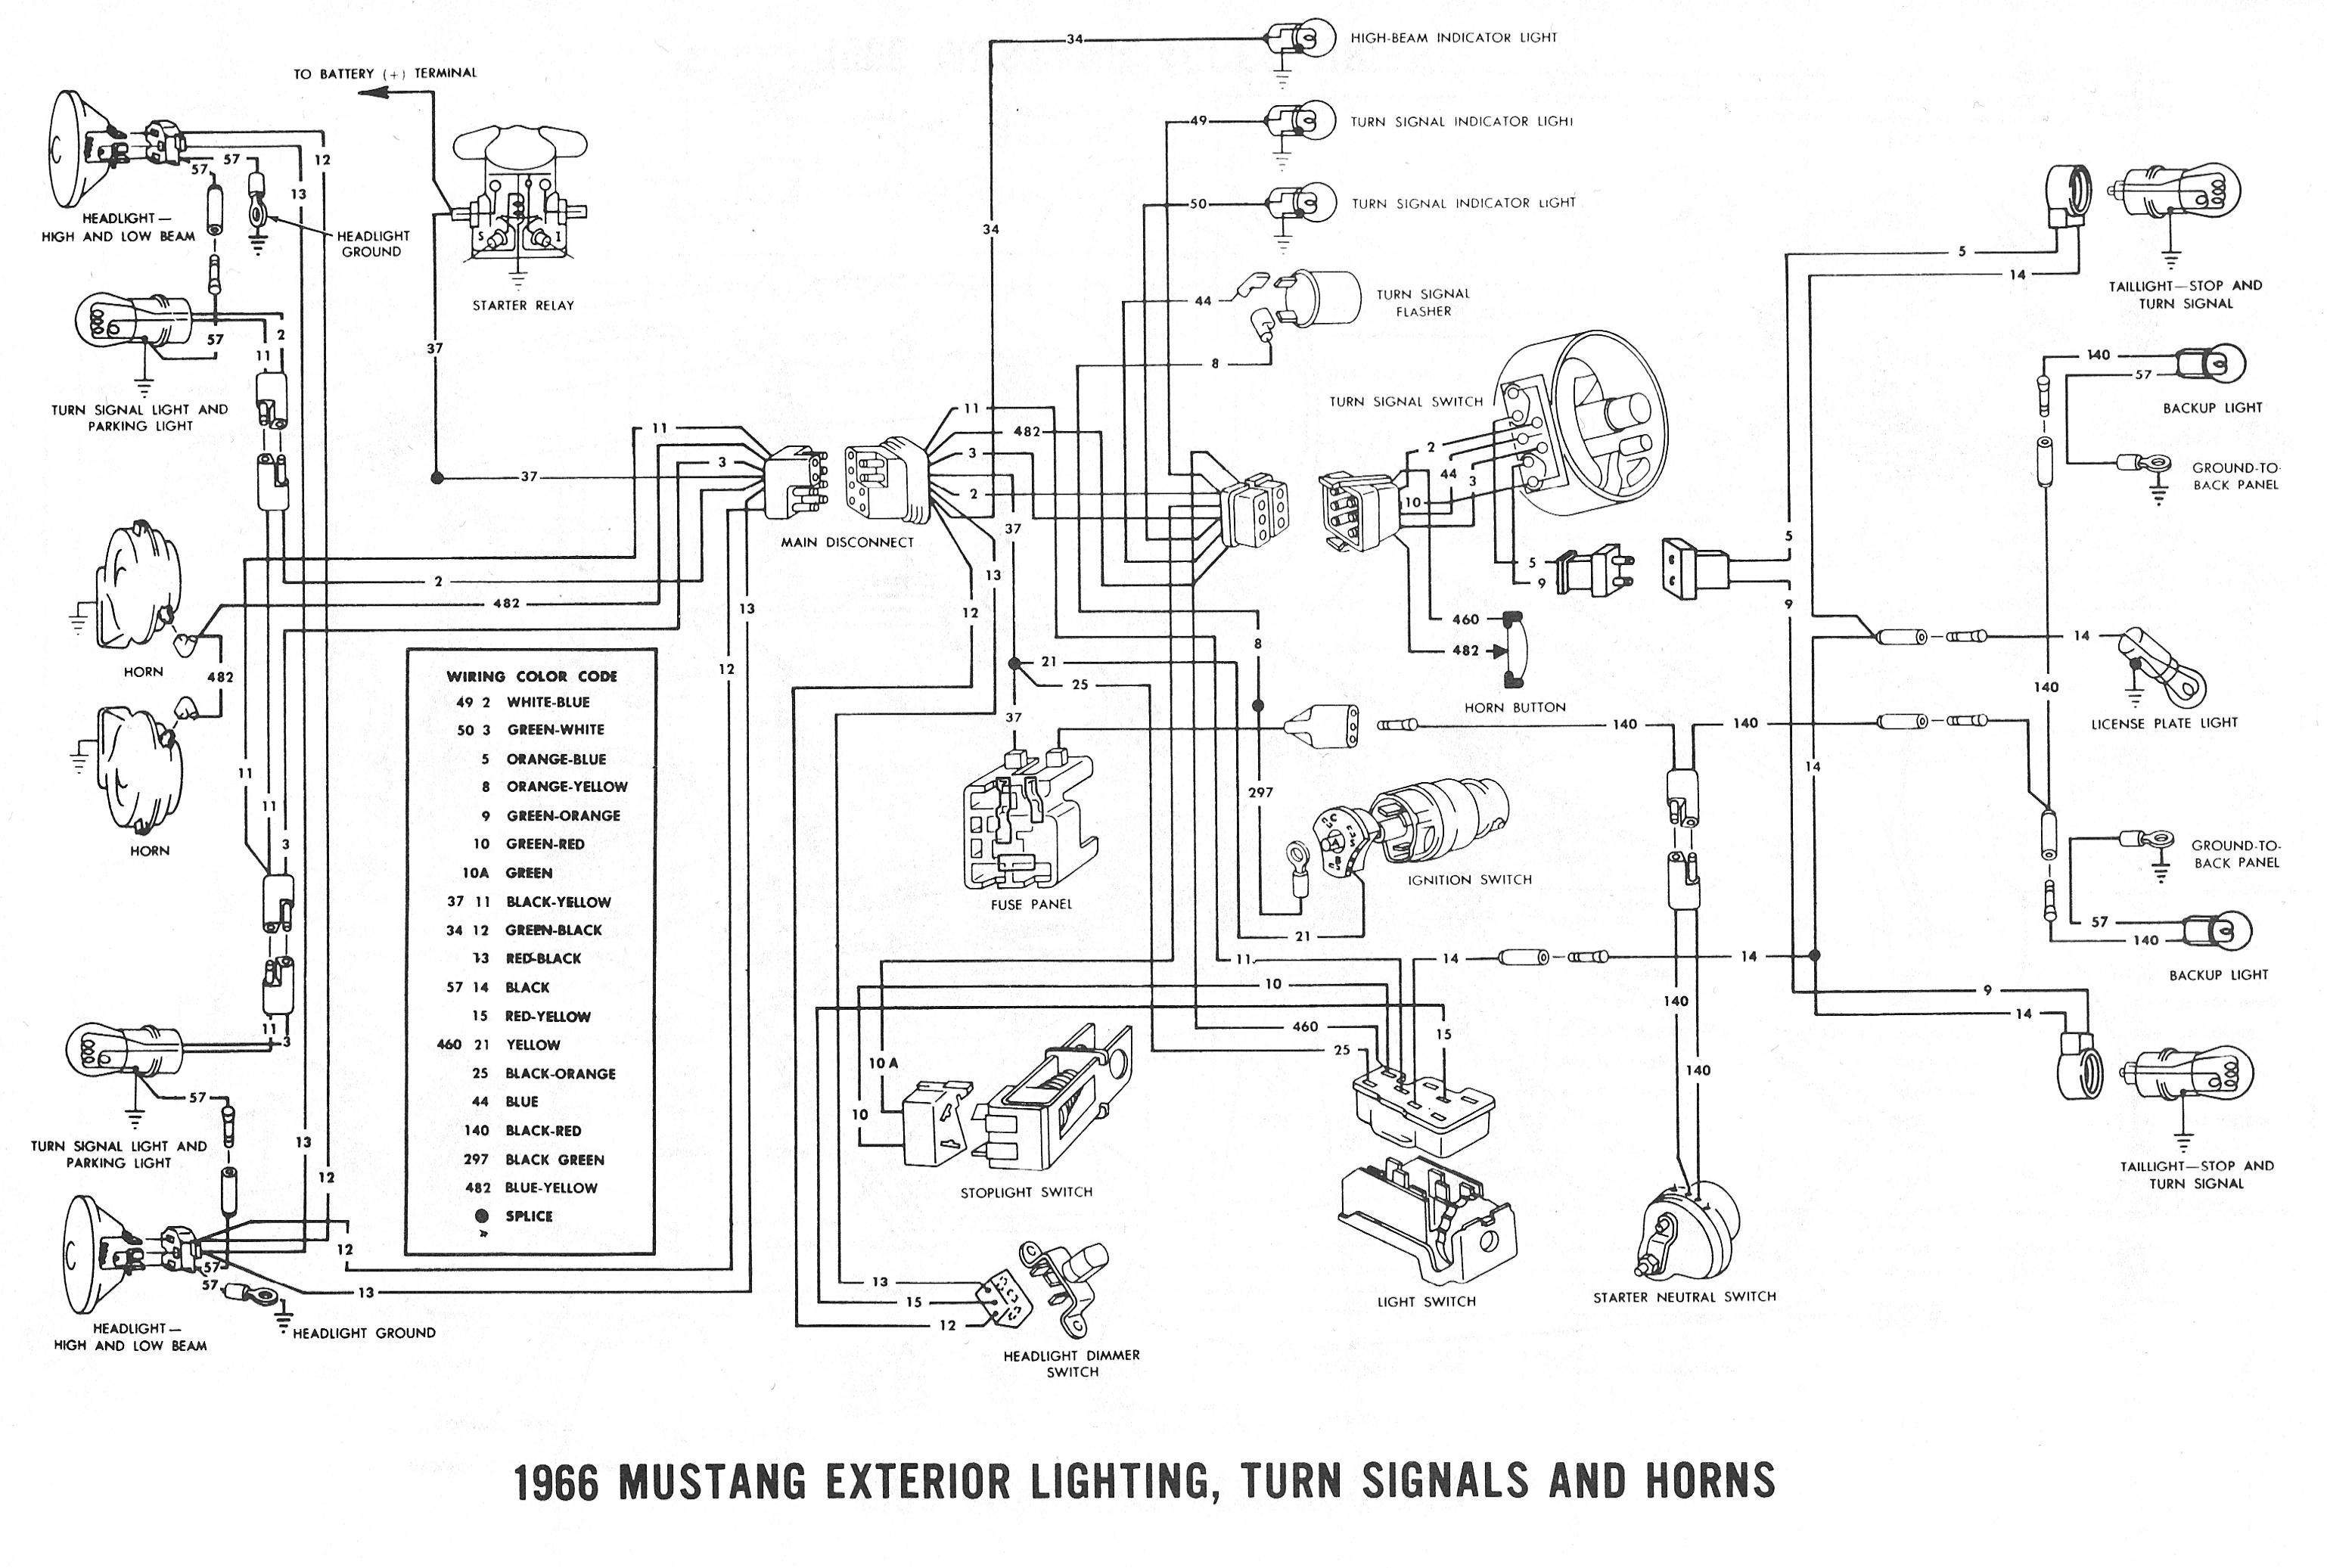 1965 mustang wiring diagram